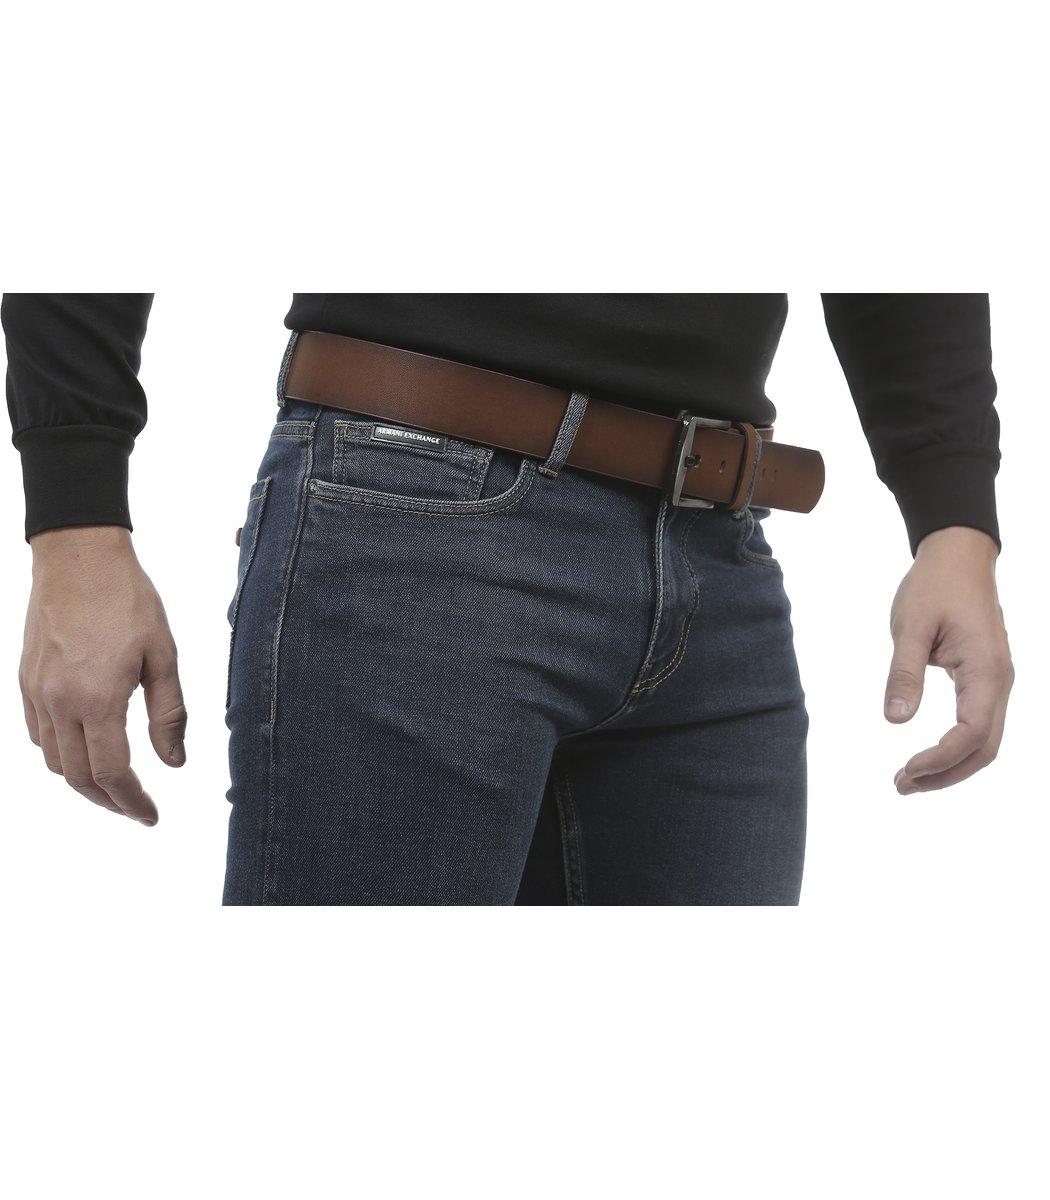 Cиние джинсы Armani Exchange 6827 + ремень